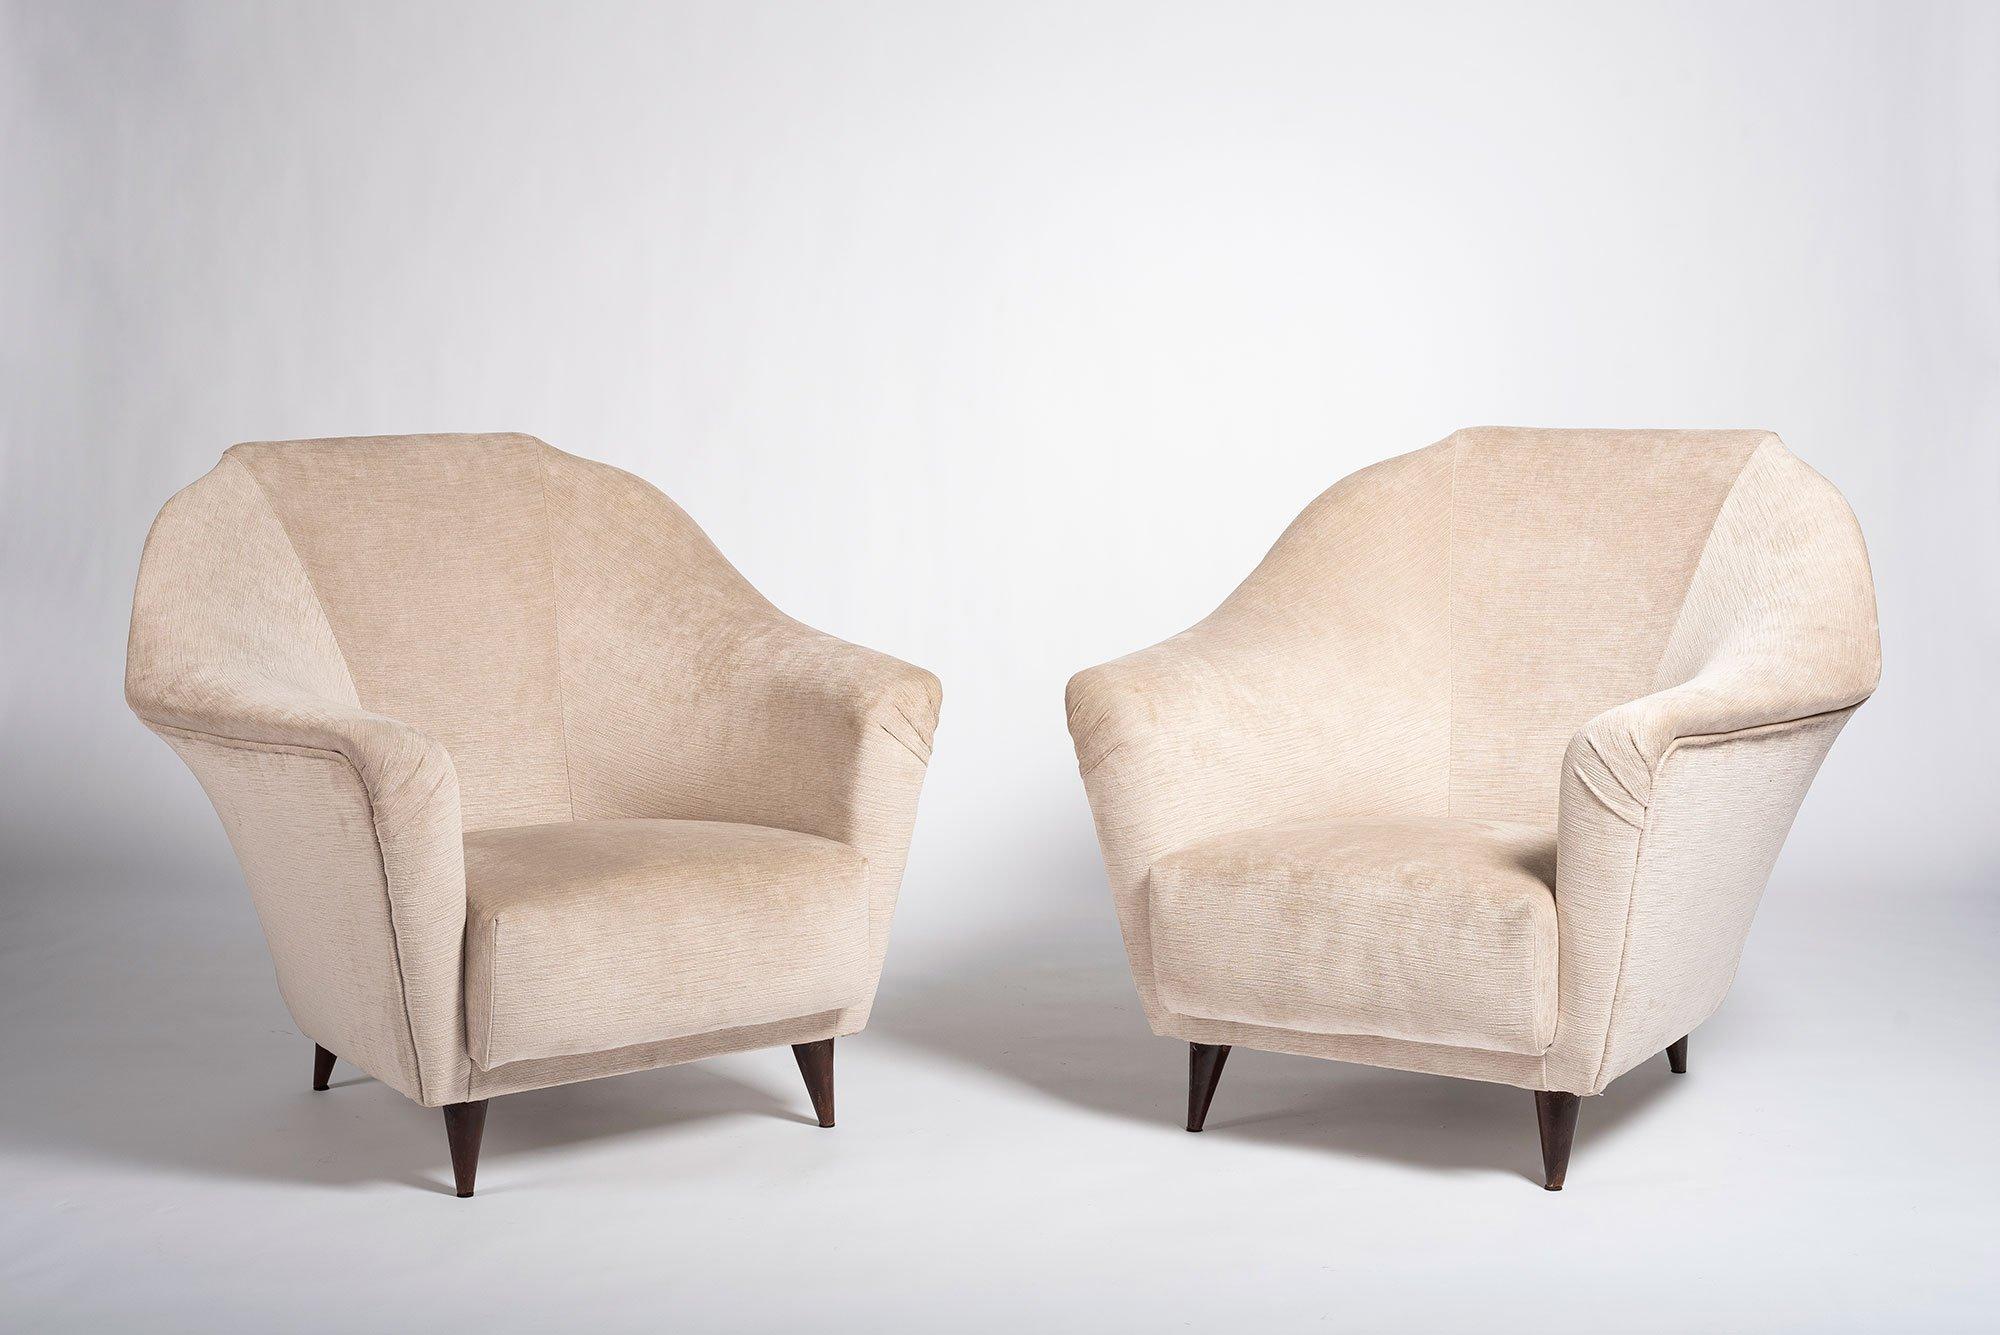 Ico Parisi |   Pair of armchairs